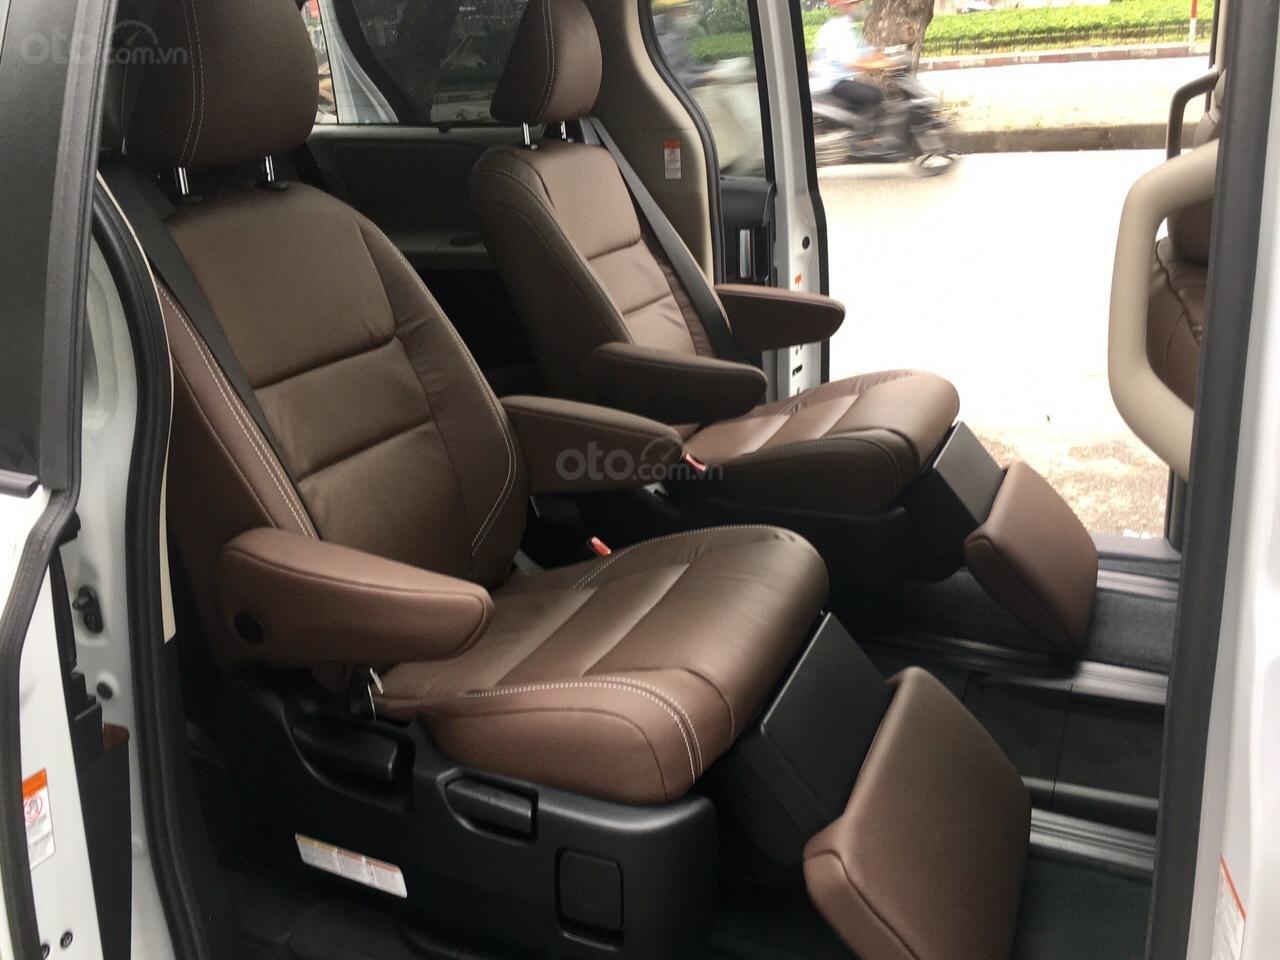 Bán Toyota Sienna Limited sản xuất 2019, mới 100%, đủ màu giao ngay, giá rẻ nhất (7)